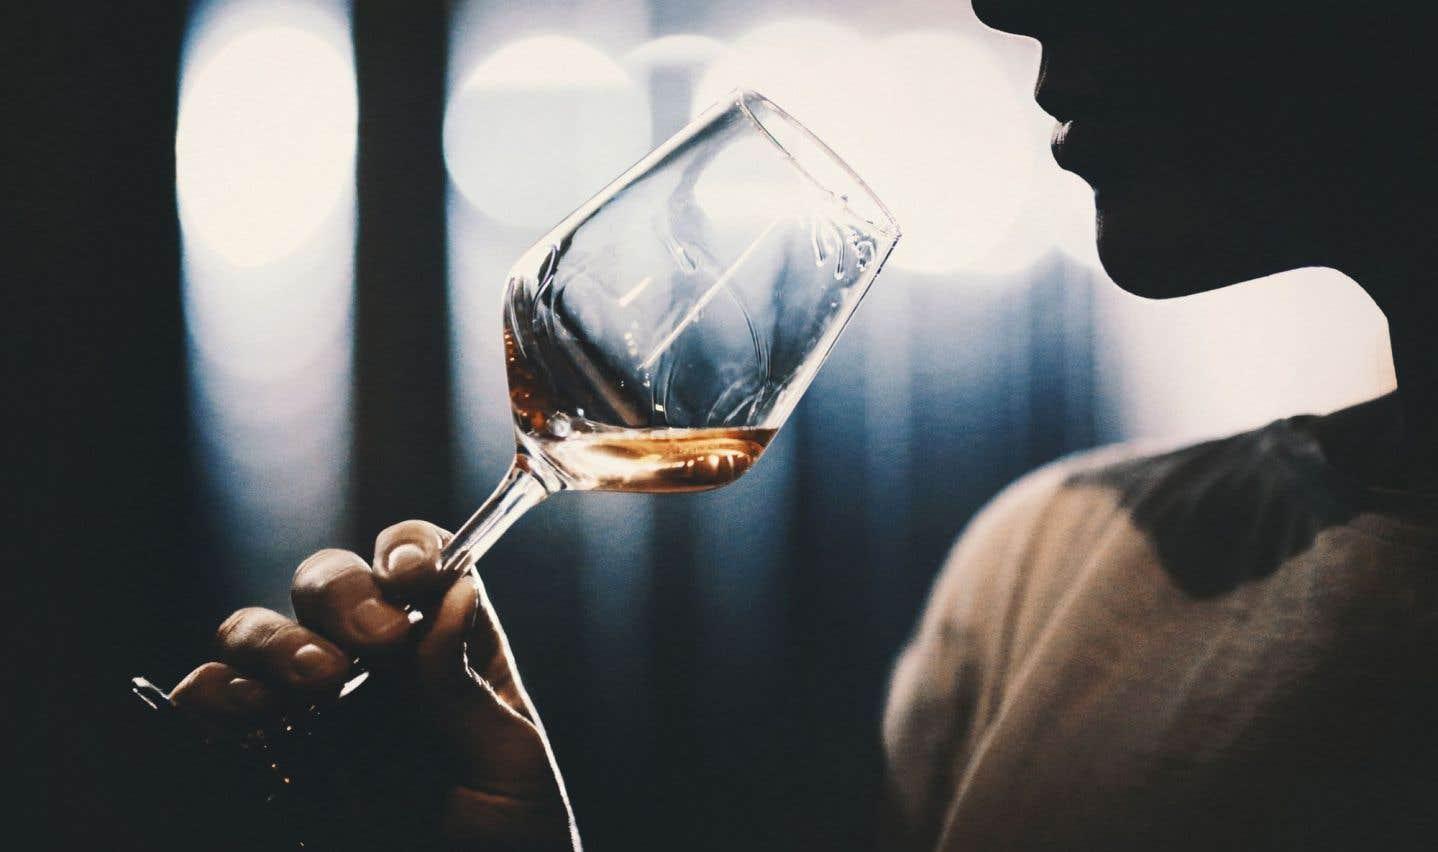 En cinq ans, la consommation moyenne est passée de 3,3 à 3 verres par semaine.